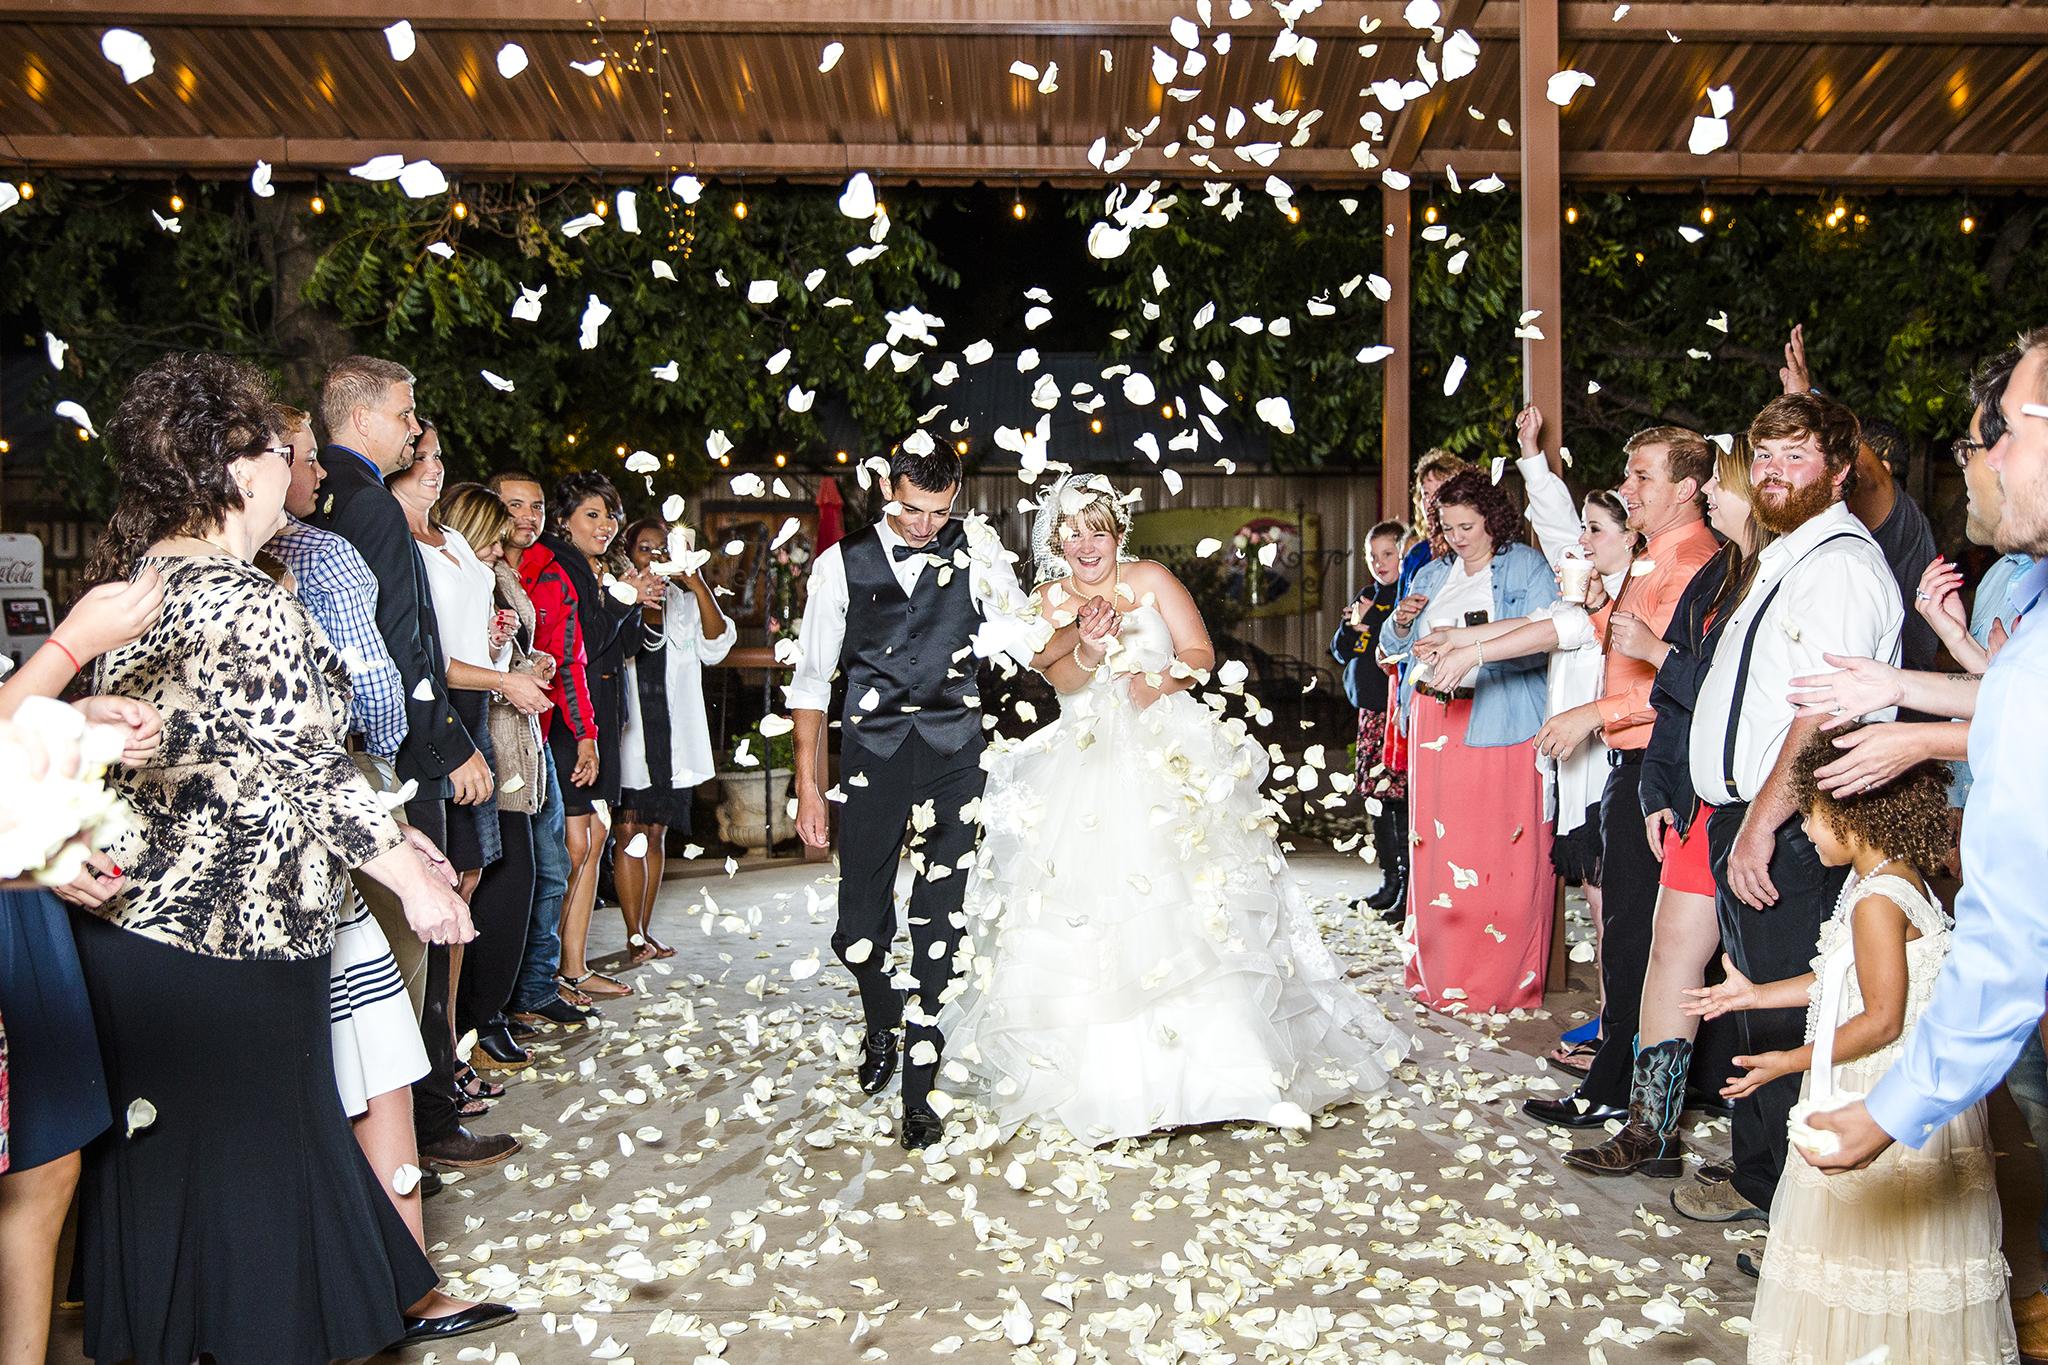 Flower Pedals, Exit, Walnut Tree Weddings, Honeymoon, Bride and Groom